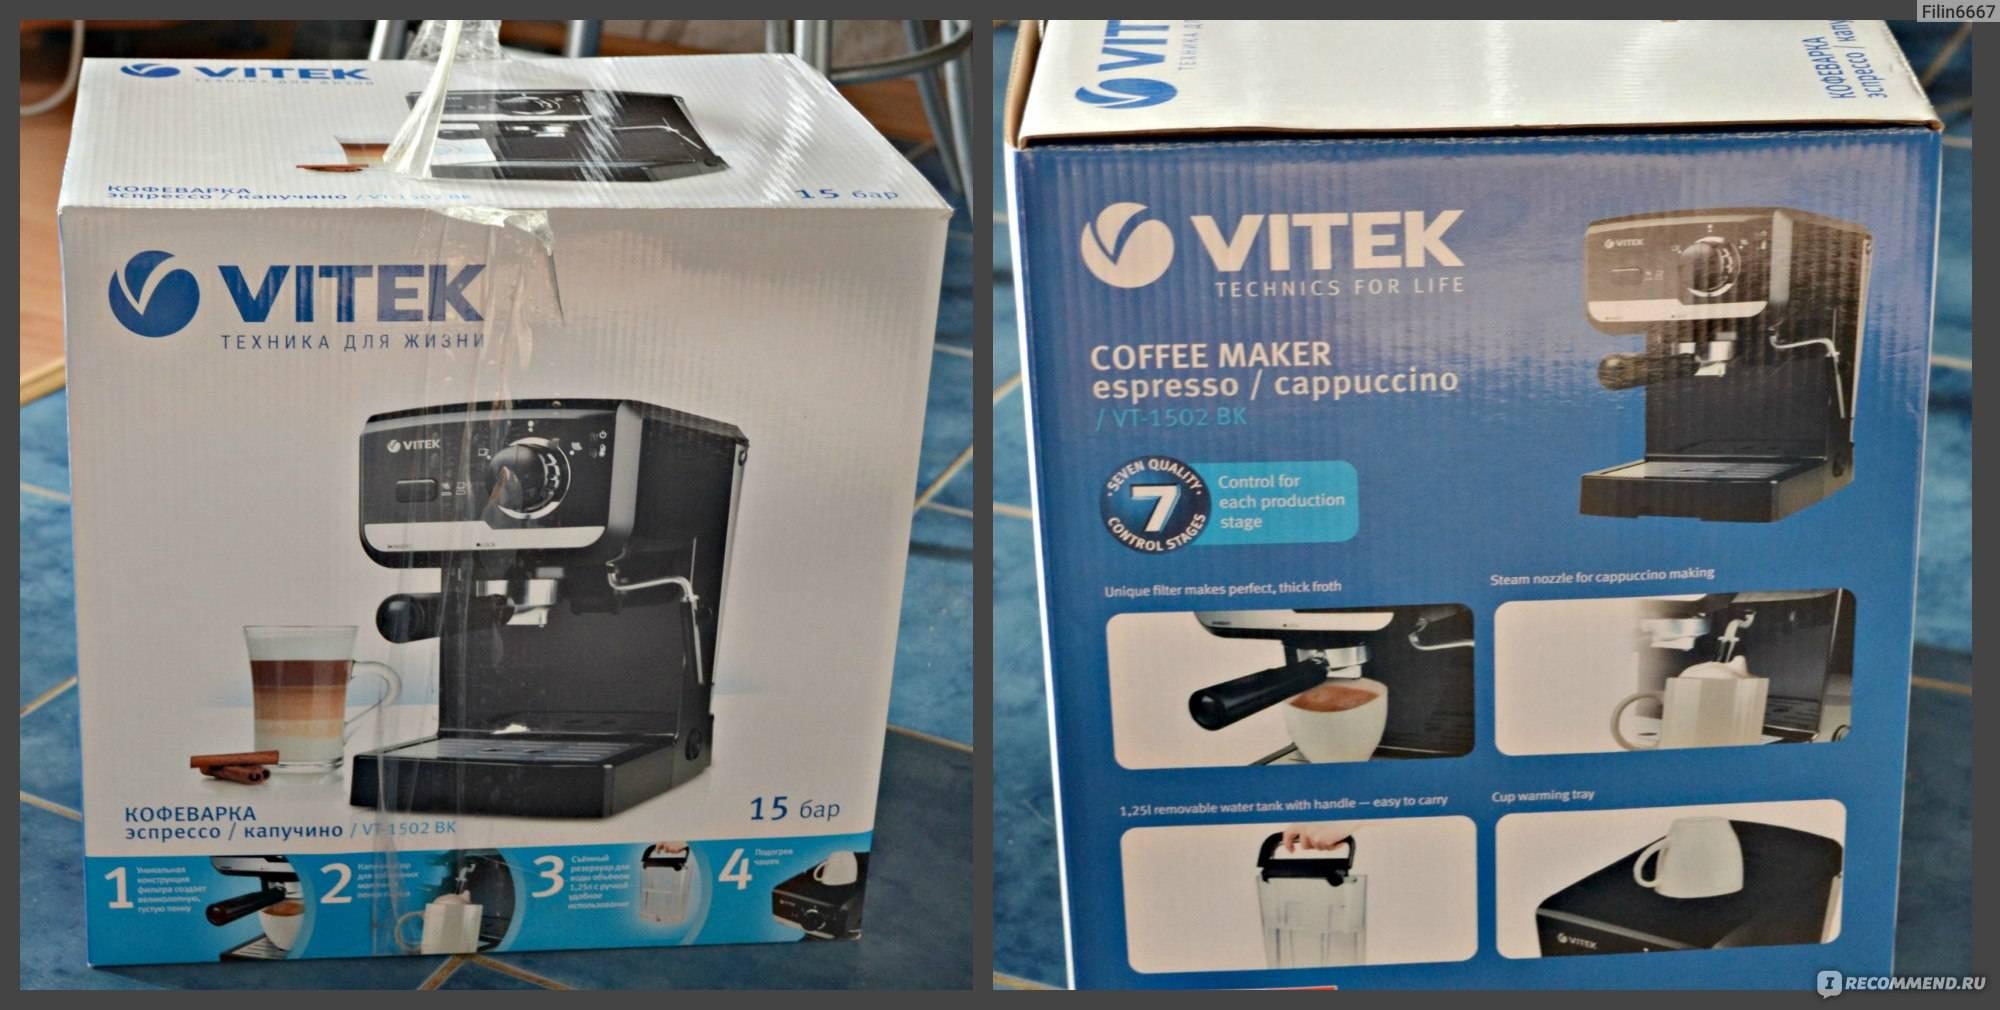 Капельные кофеварки vitek vt-1503 bk, vt-1506 bk, vt-1509 bk и vt-1512 bk. сравнительный обзор от эксперта